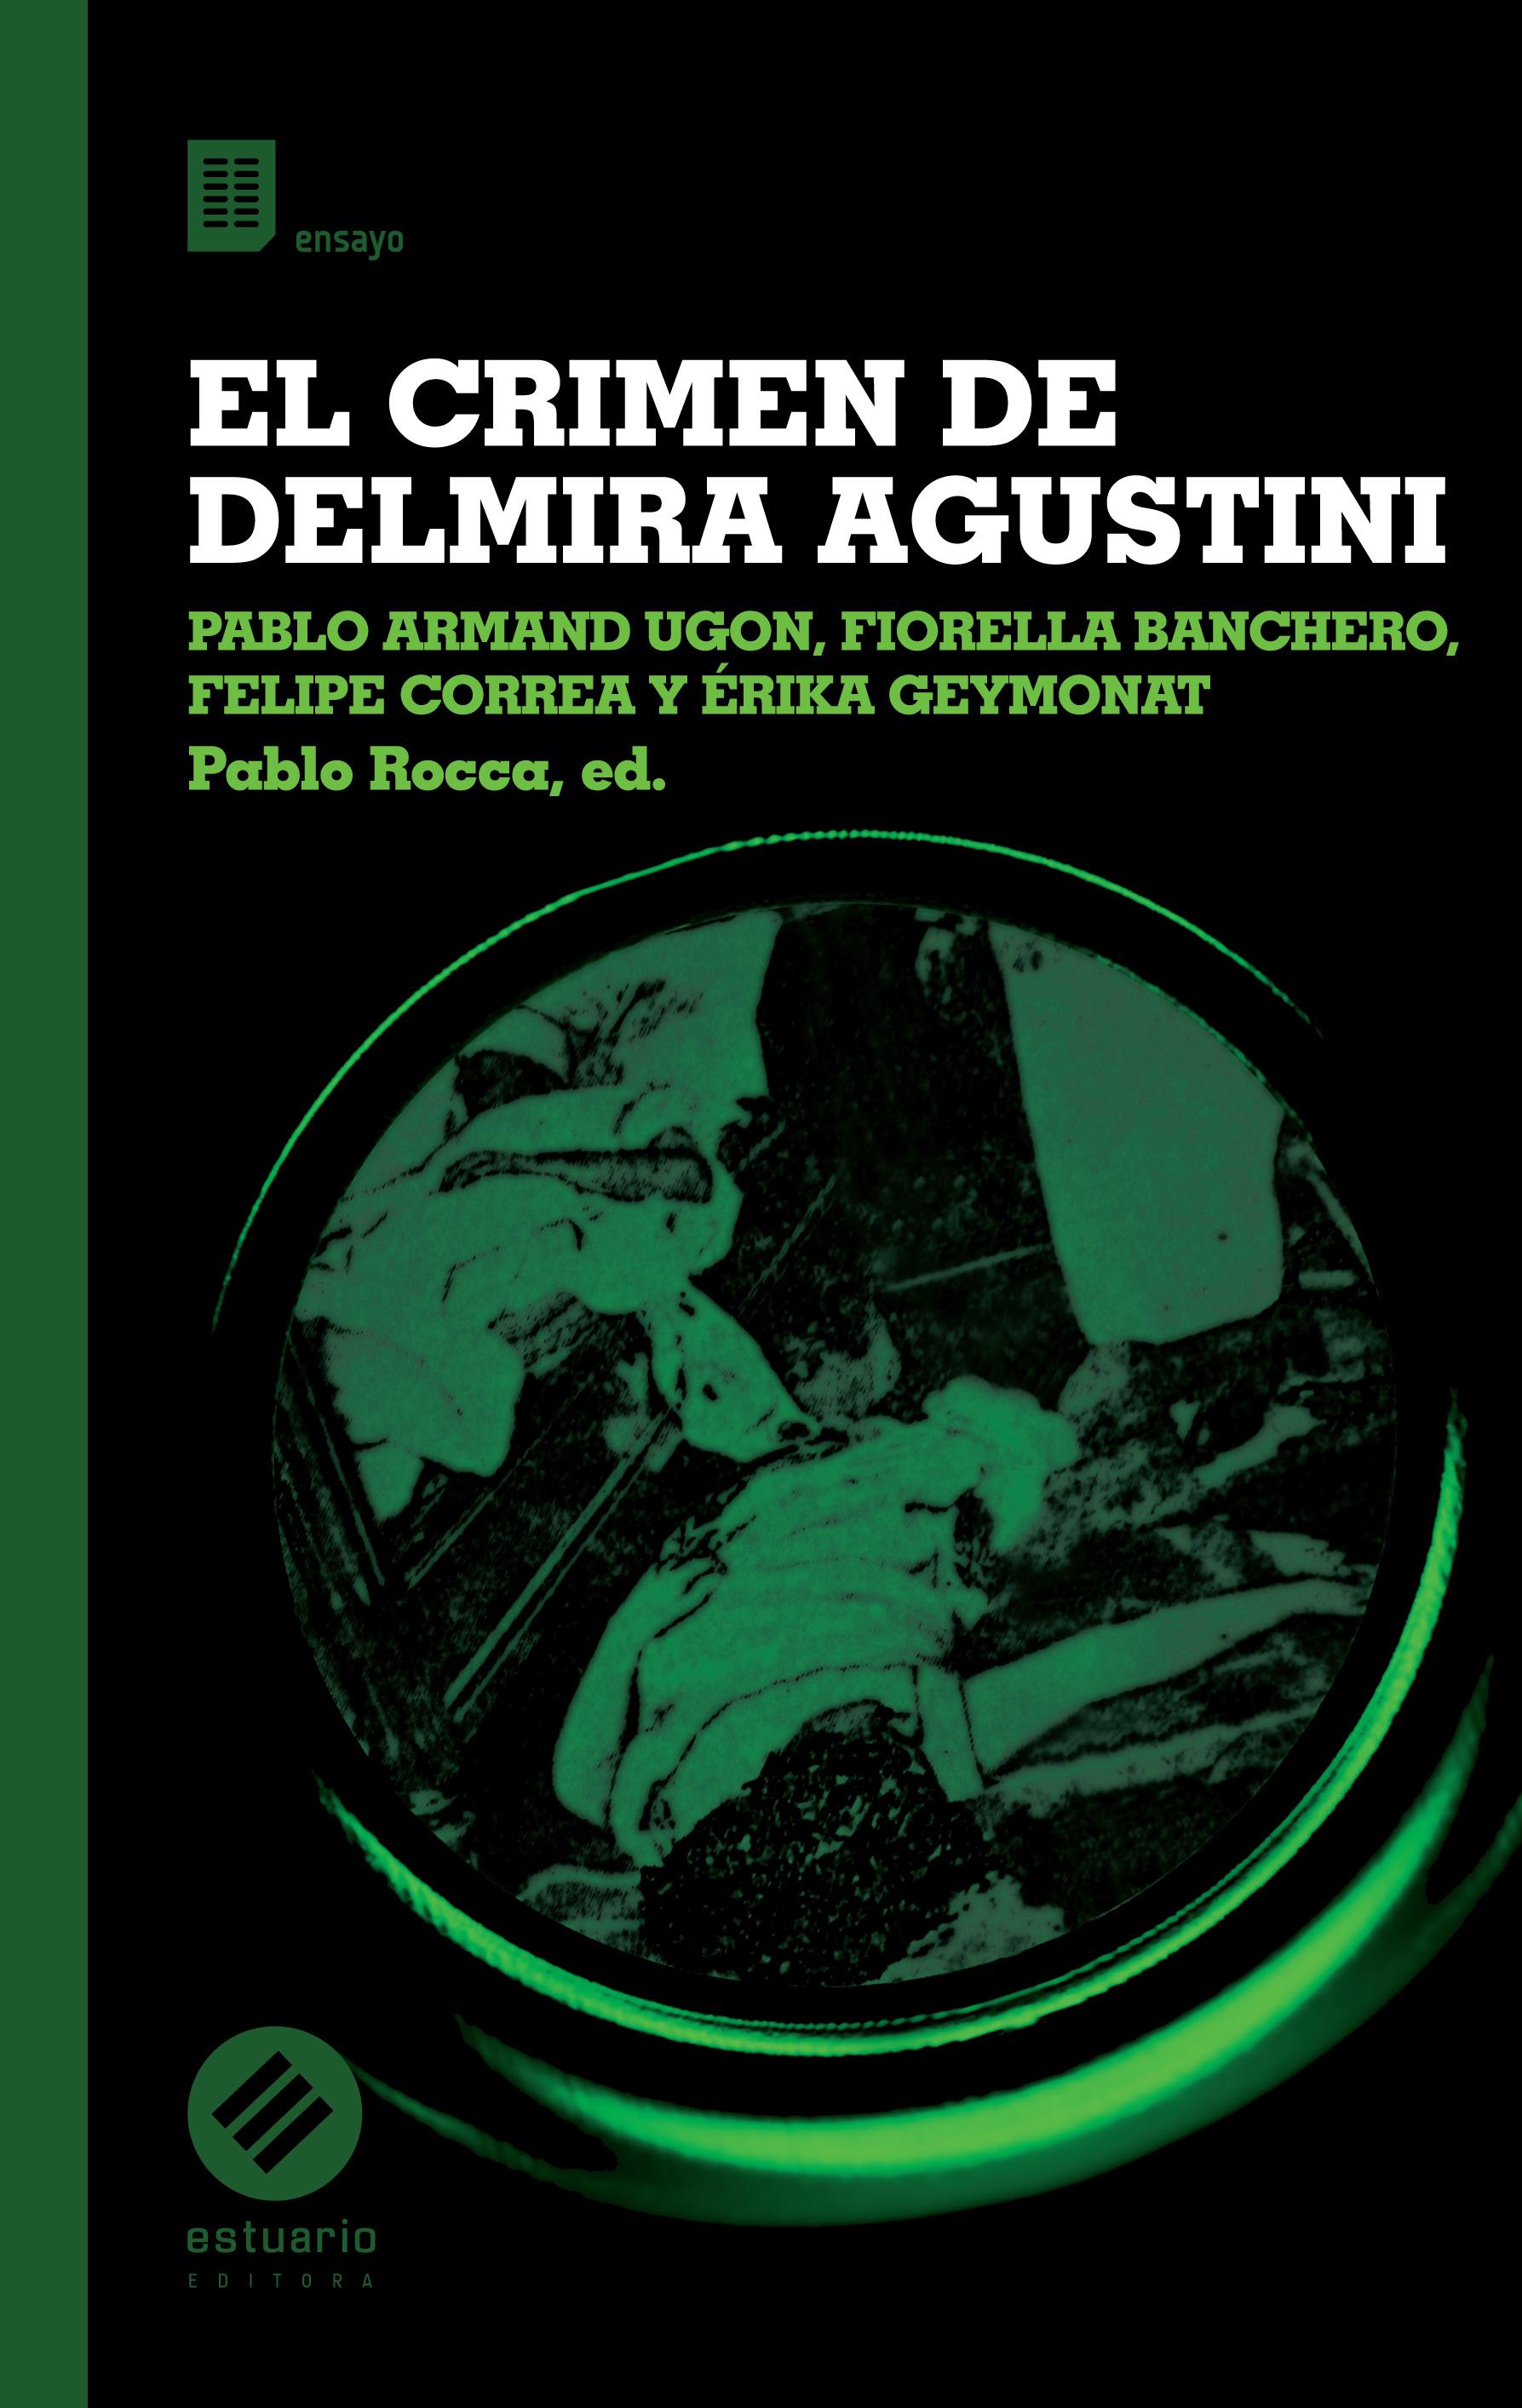 EL-CRIMEN-DE-DELMIRA-AGUSTINI---portada